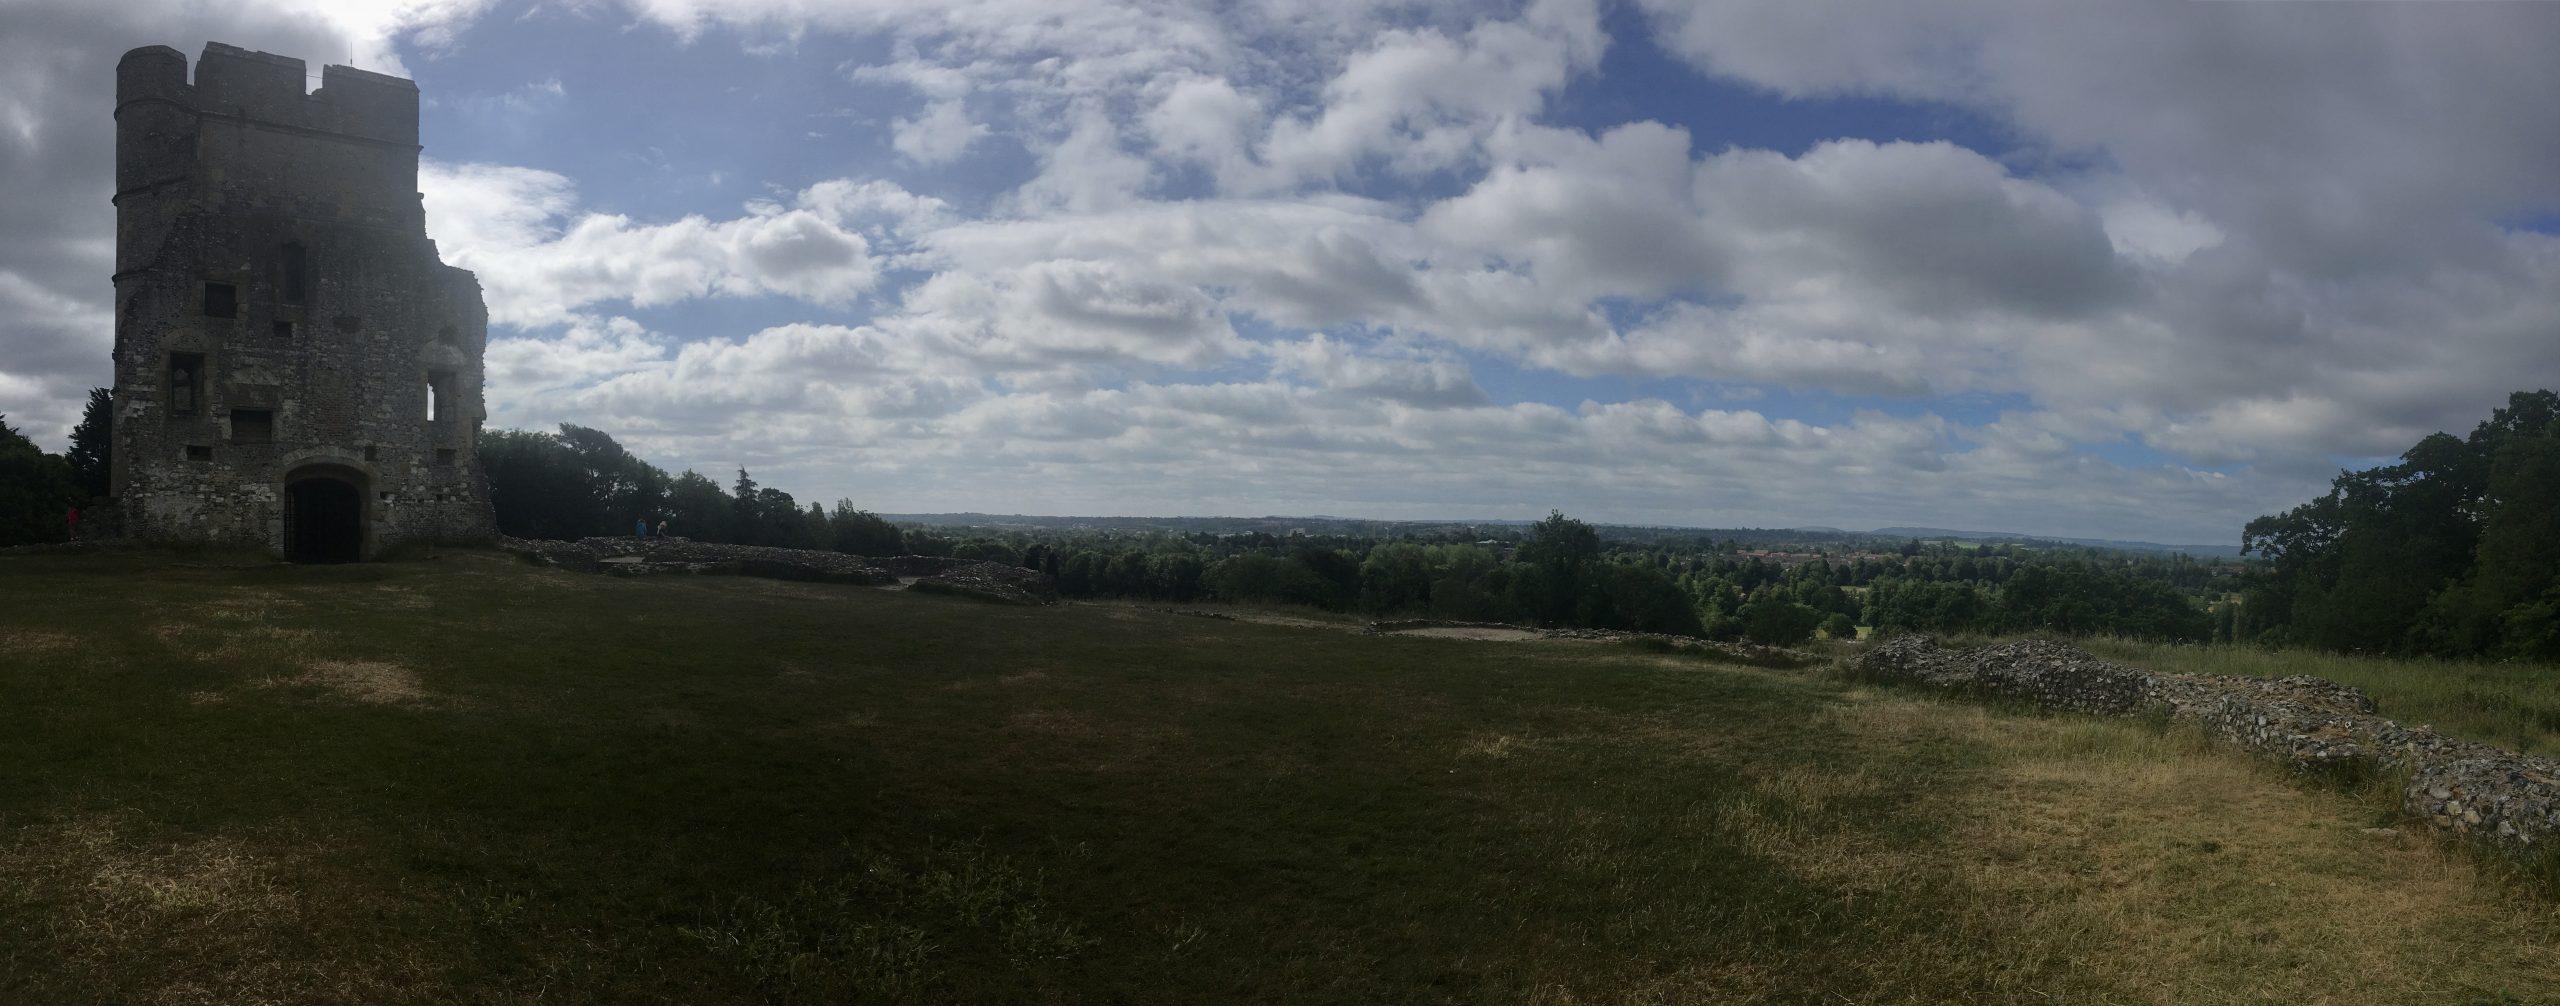 Snelsmore Common, Donnington Castle & Bagnor